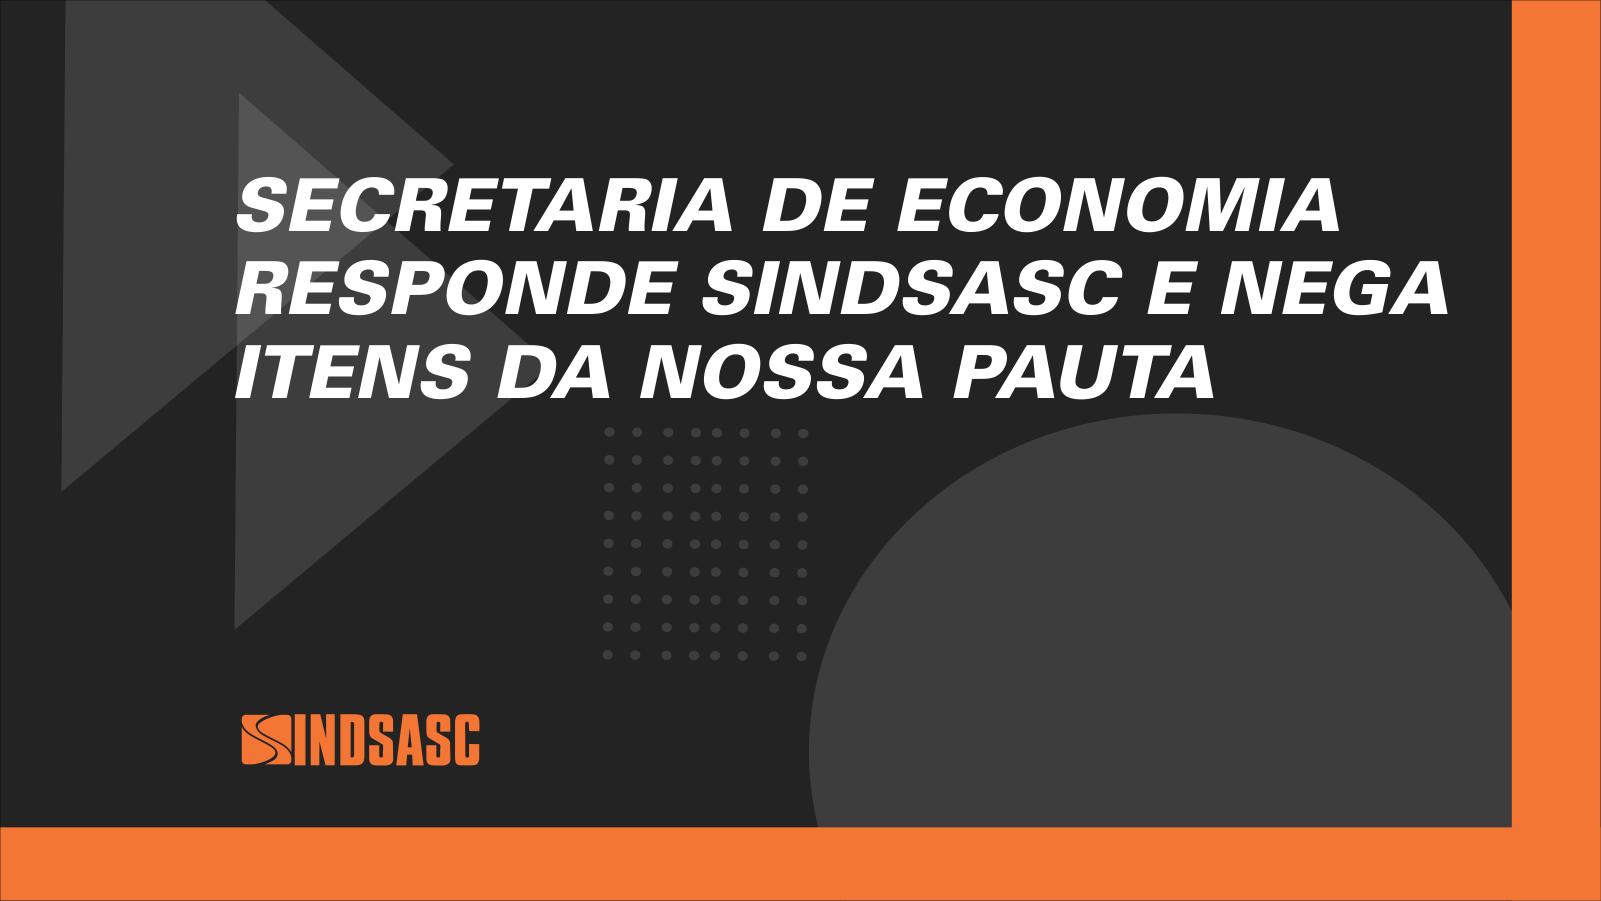 Secretaria de Economia responde Sindsasc e nega itens da nossa pauta